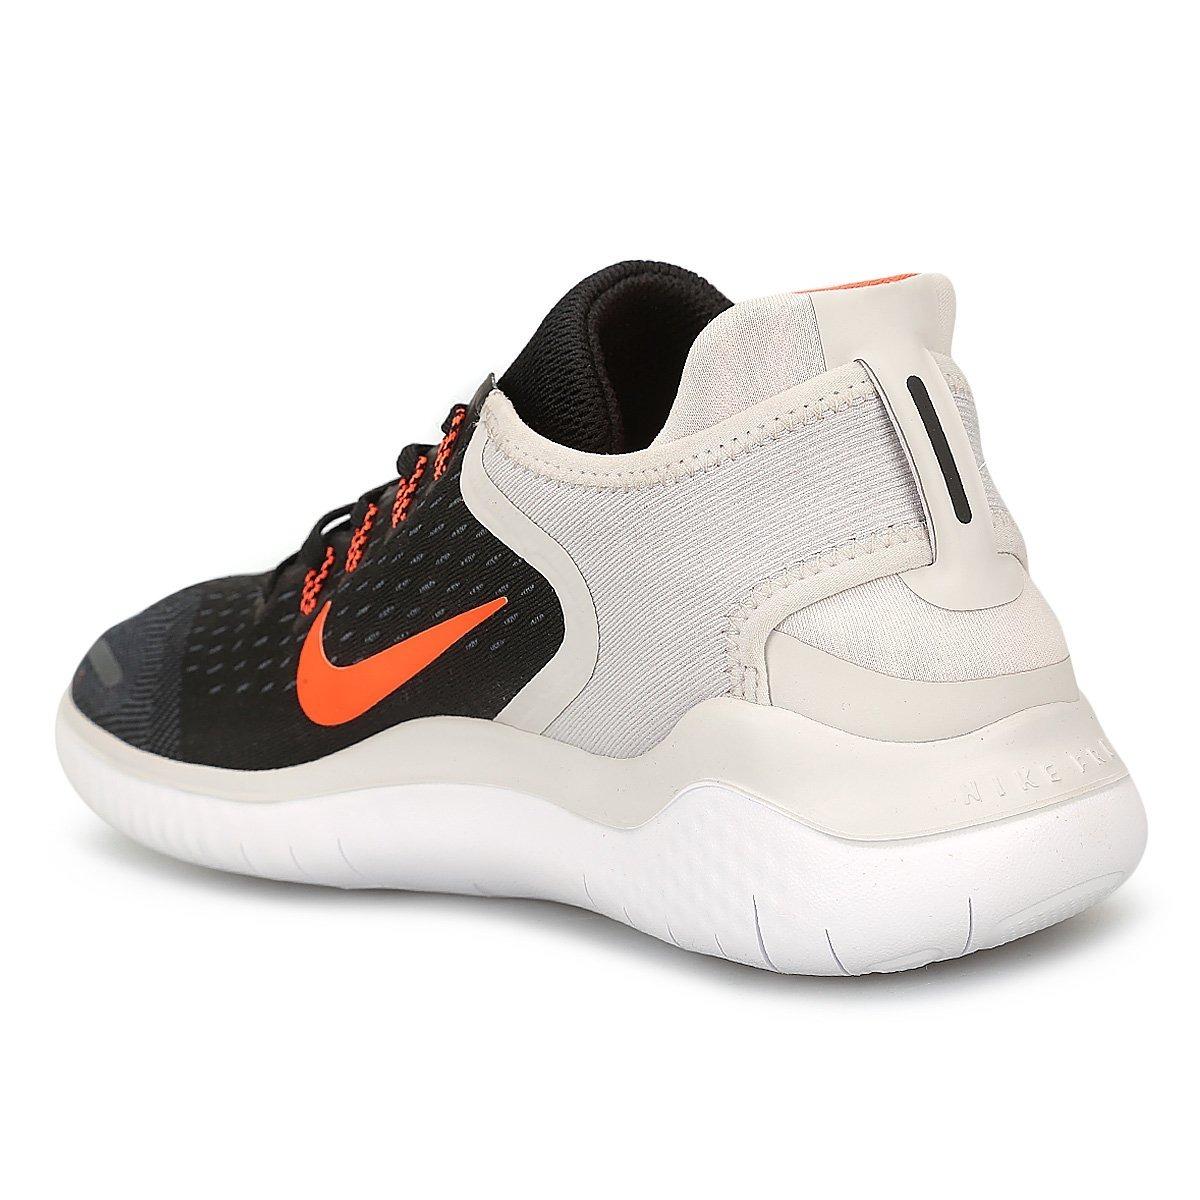 e5881bf15d0 zapatillas nike free rn iii - negro y naranja fluo. Cargando zoom.